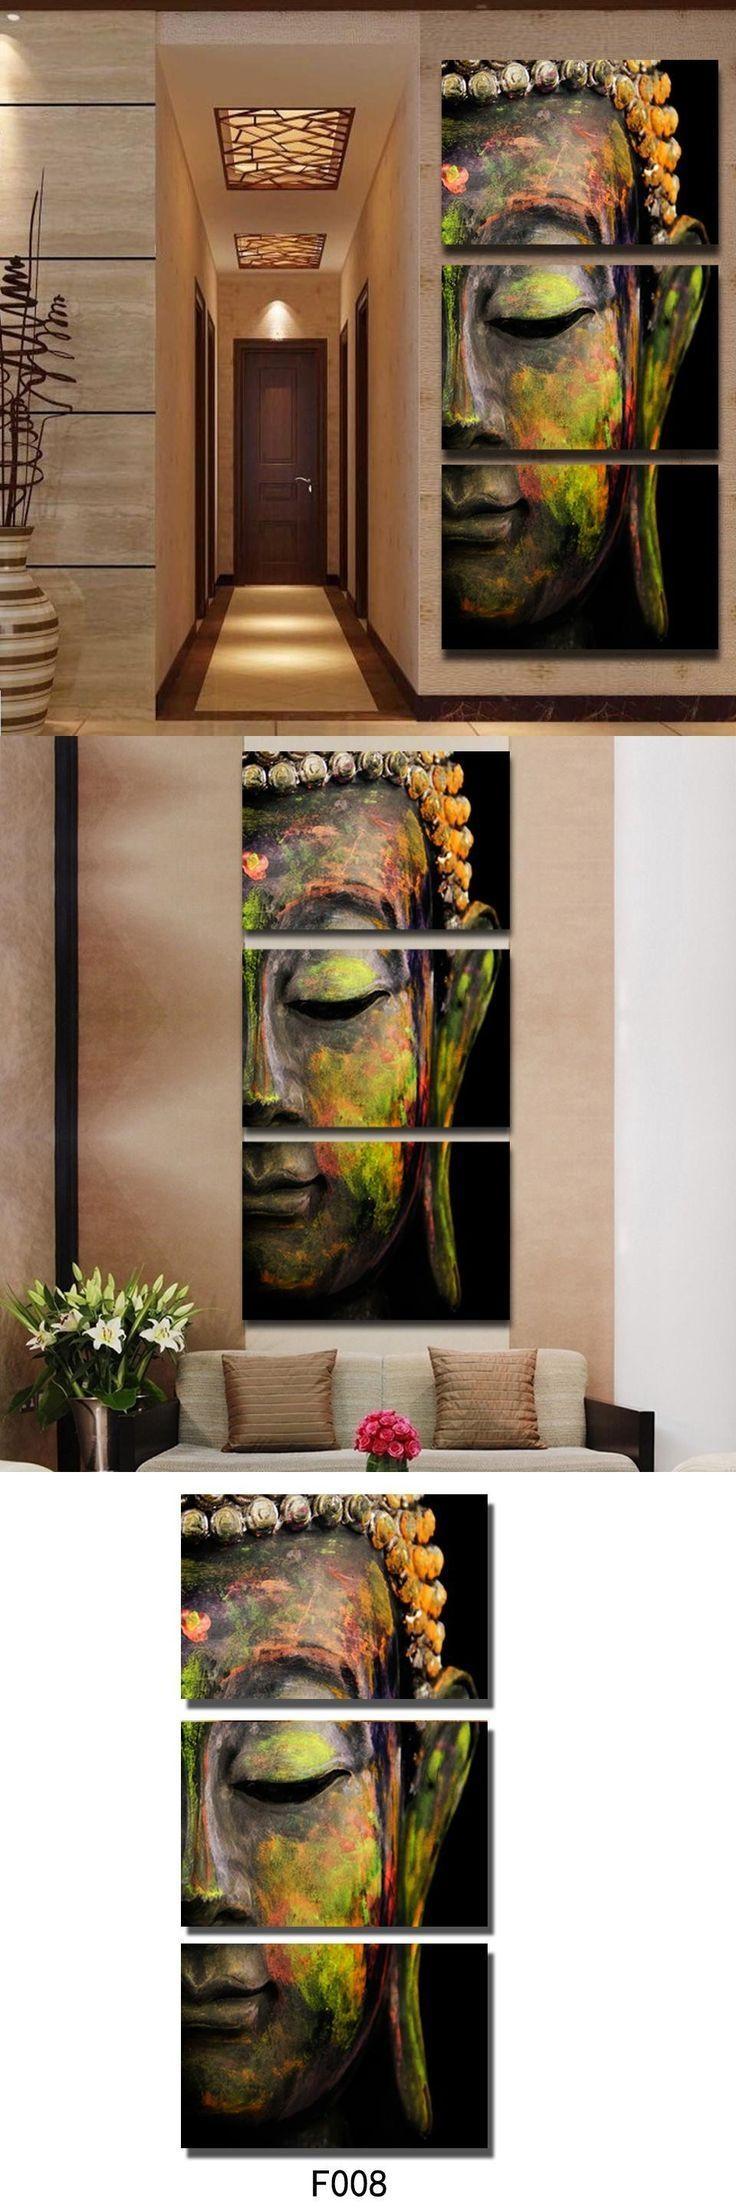 Best 25+ Buddha Wall Art Ideas On Pinterest   Buddha Art, Buddha For Large Buddha Wall Art (Image 3 of 20)